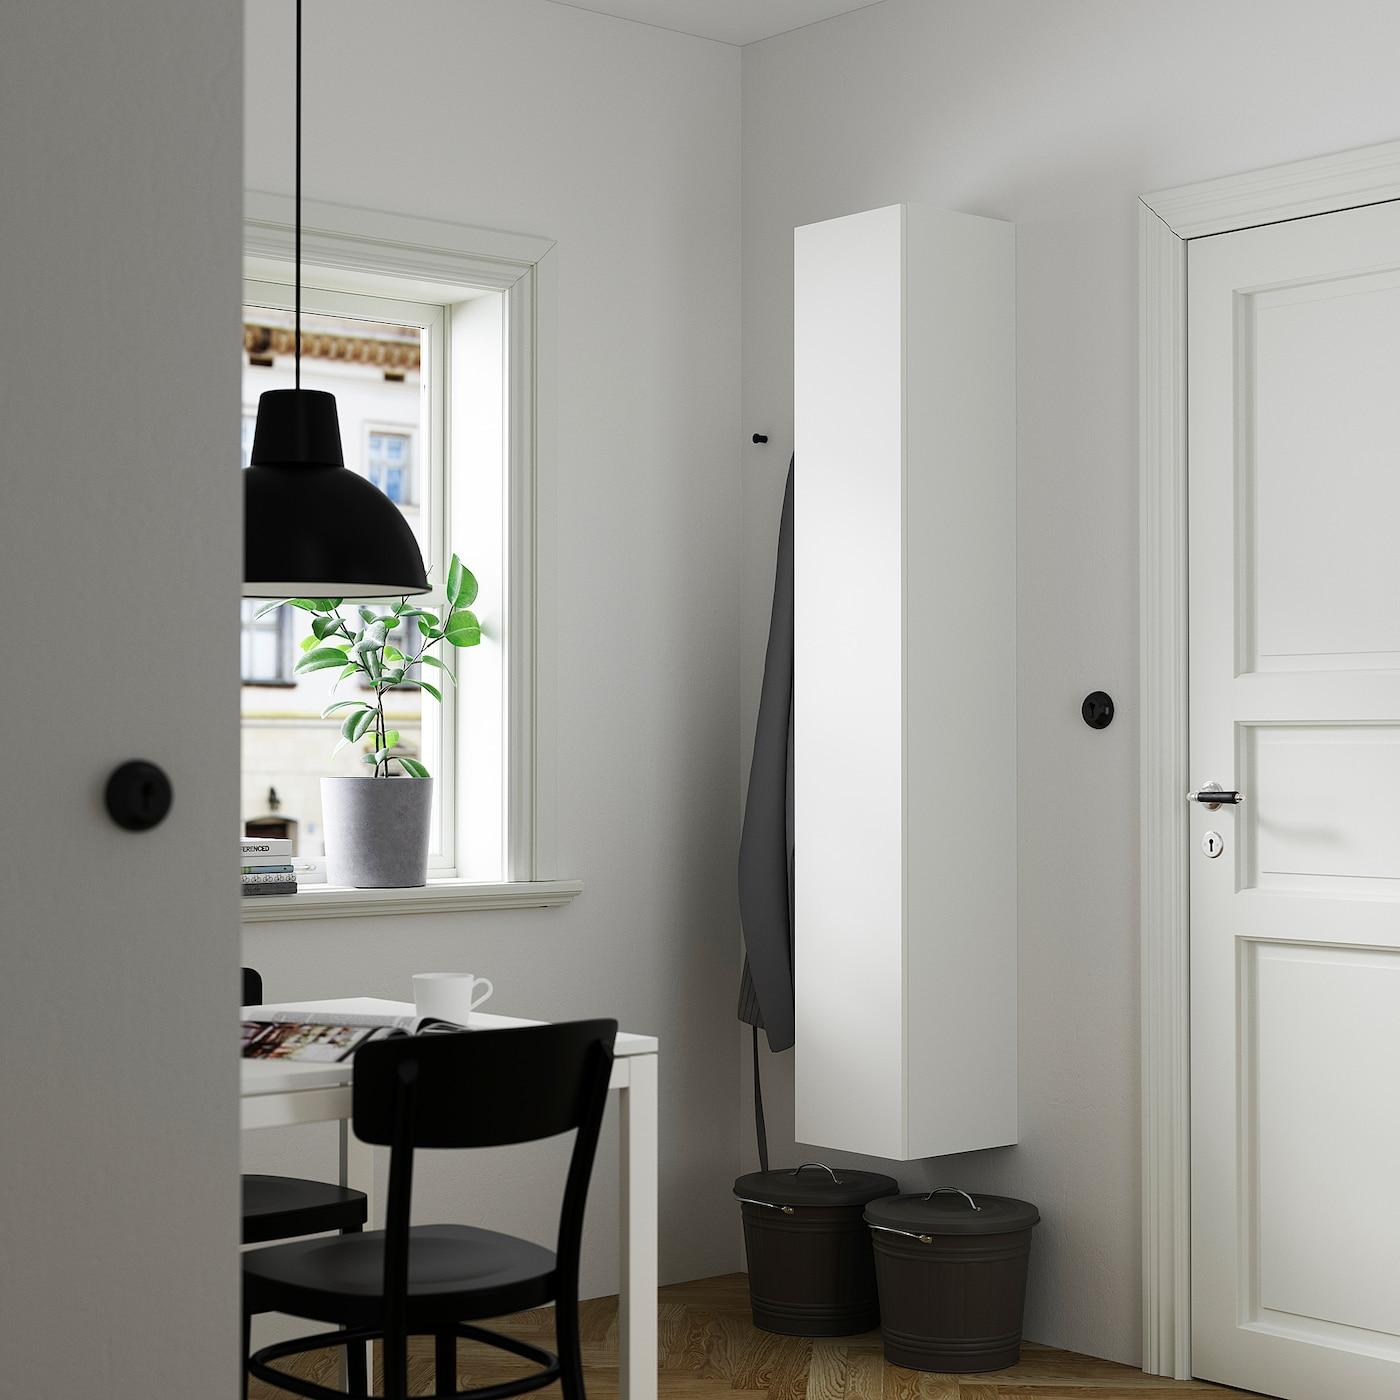 ENHET خزانة علوية مع 4 أرفف/باب, أبيض, 30x32x180 سم